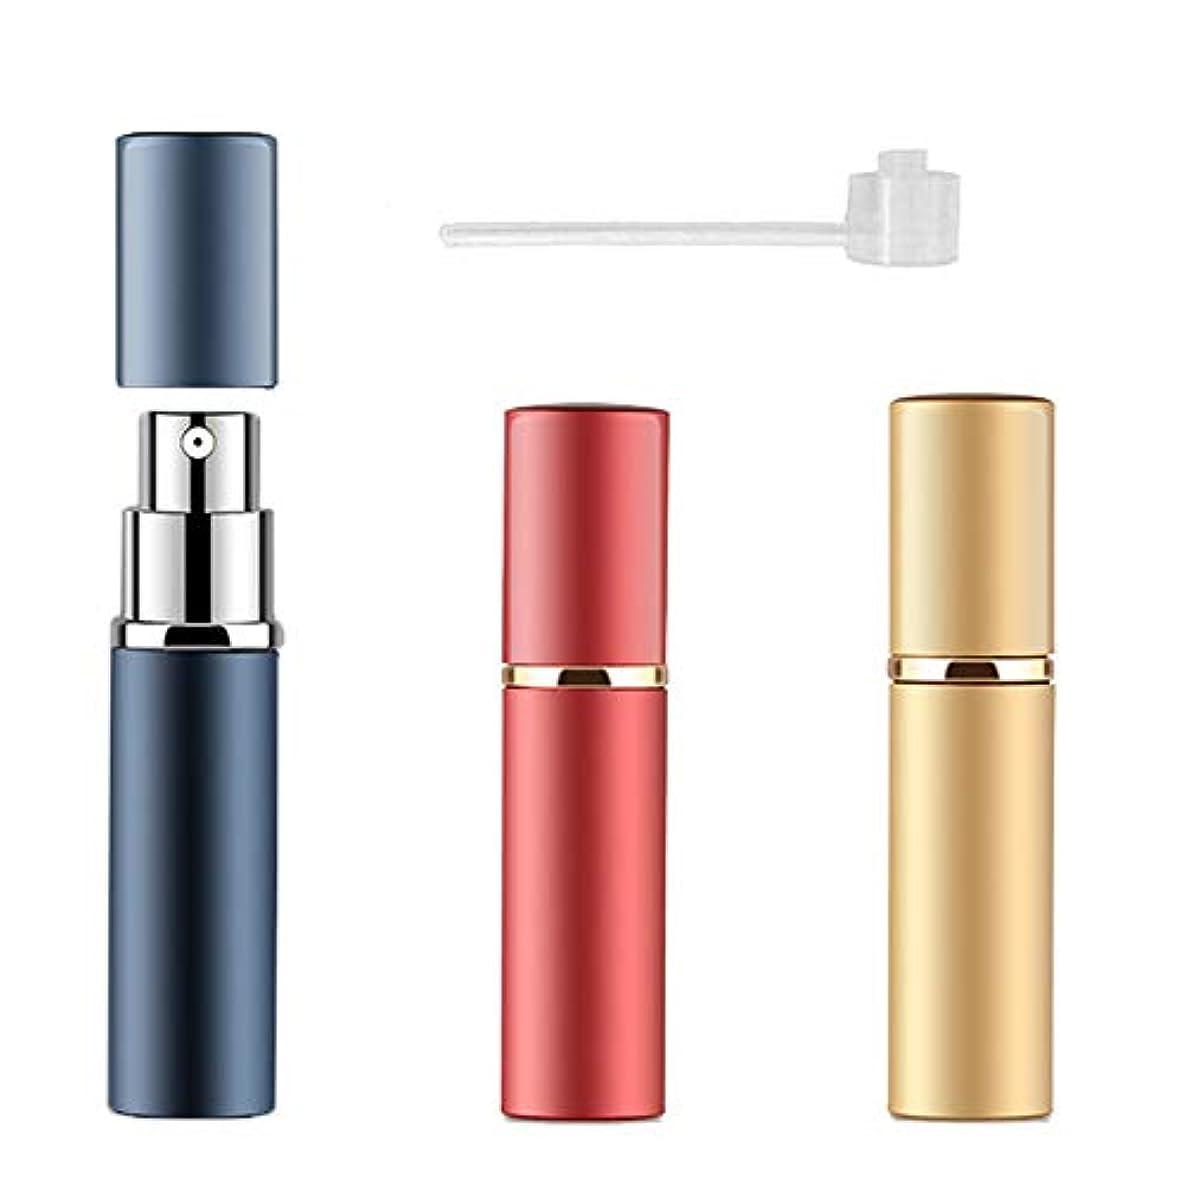 増強カールマラドロイトアトマイザー 香水 詰め替え容器 スプレーボトル 小分けボトル トラベルボトル 旅行携帯便利 (3色セット)